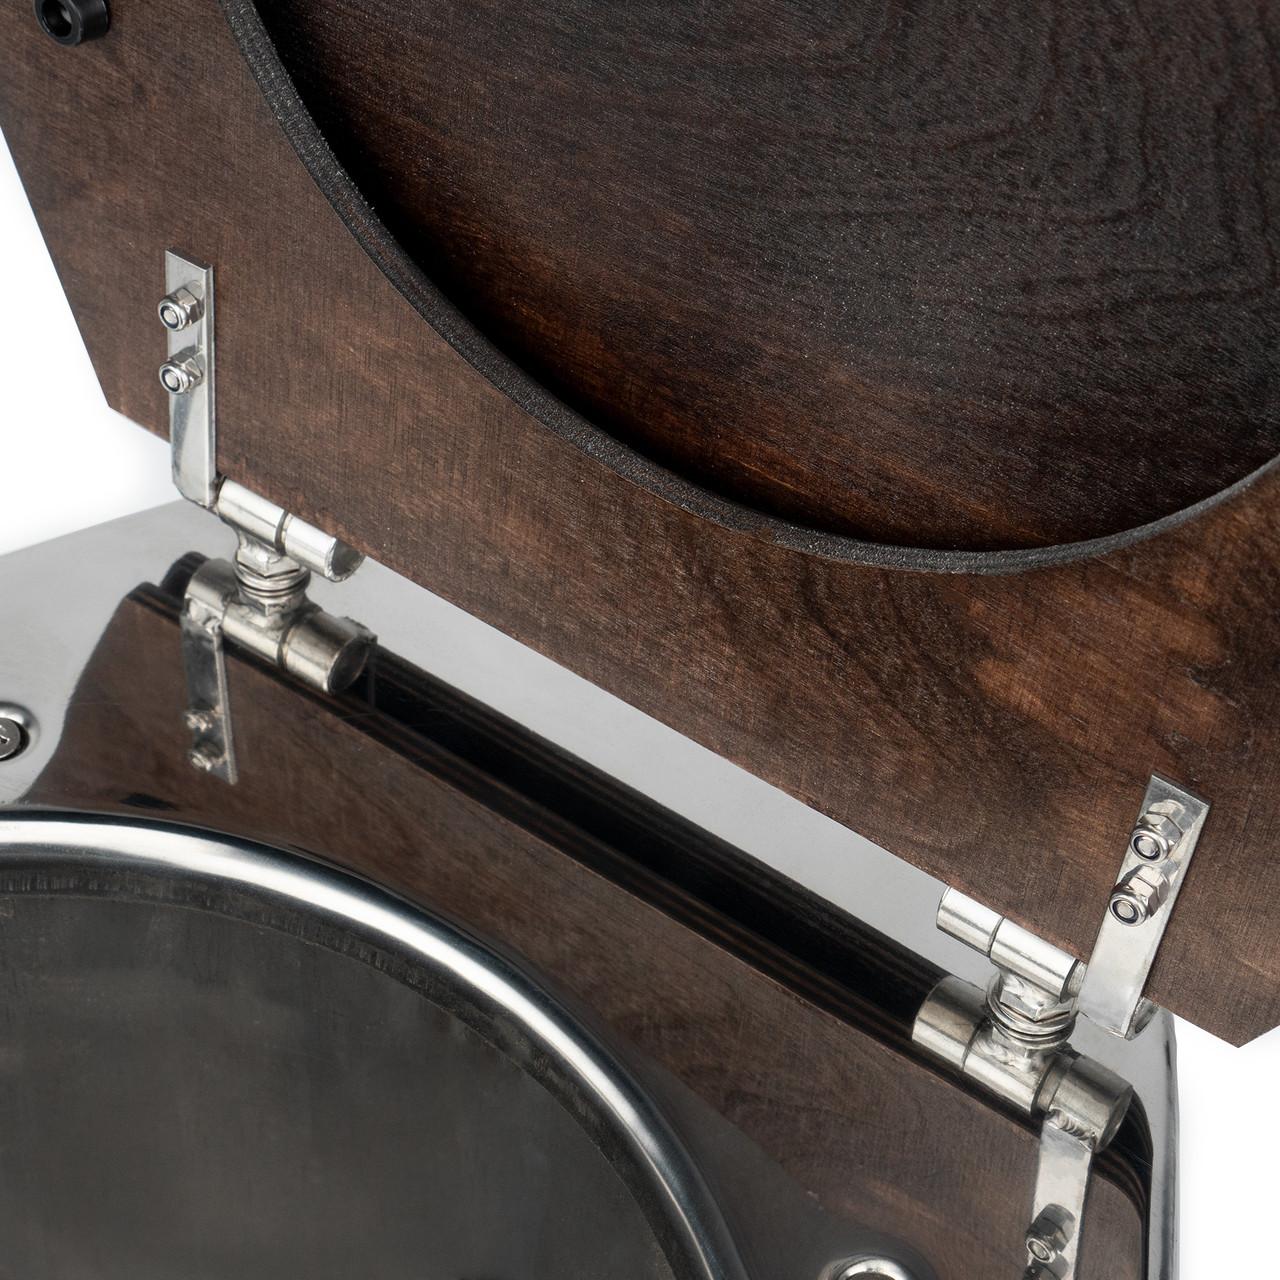 Унитаз нержавеющий для дачи (высокий, H=400 мм) - фото 6